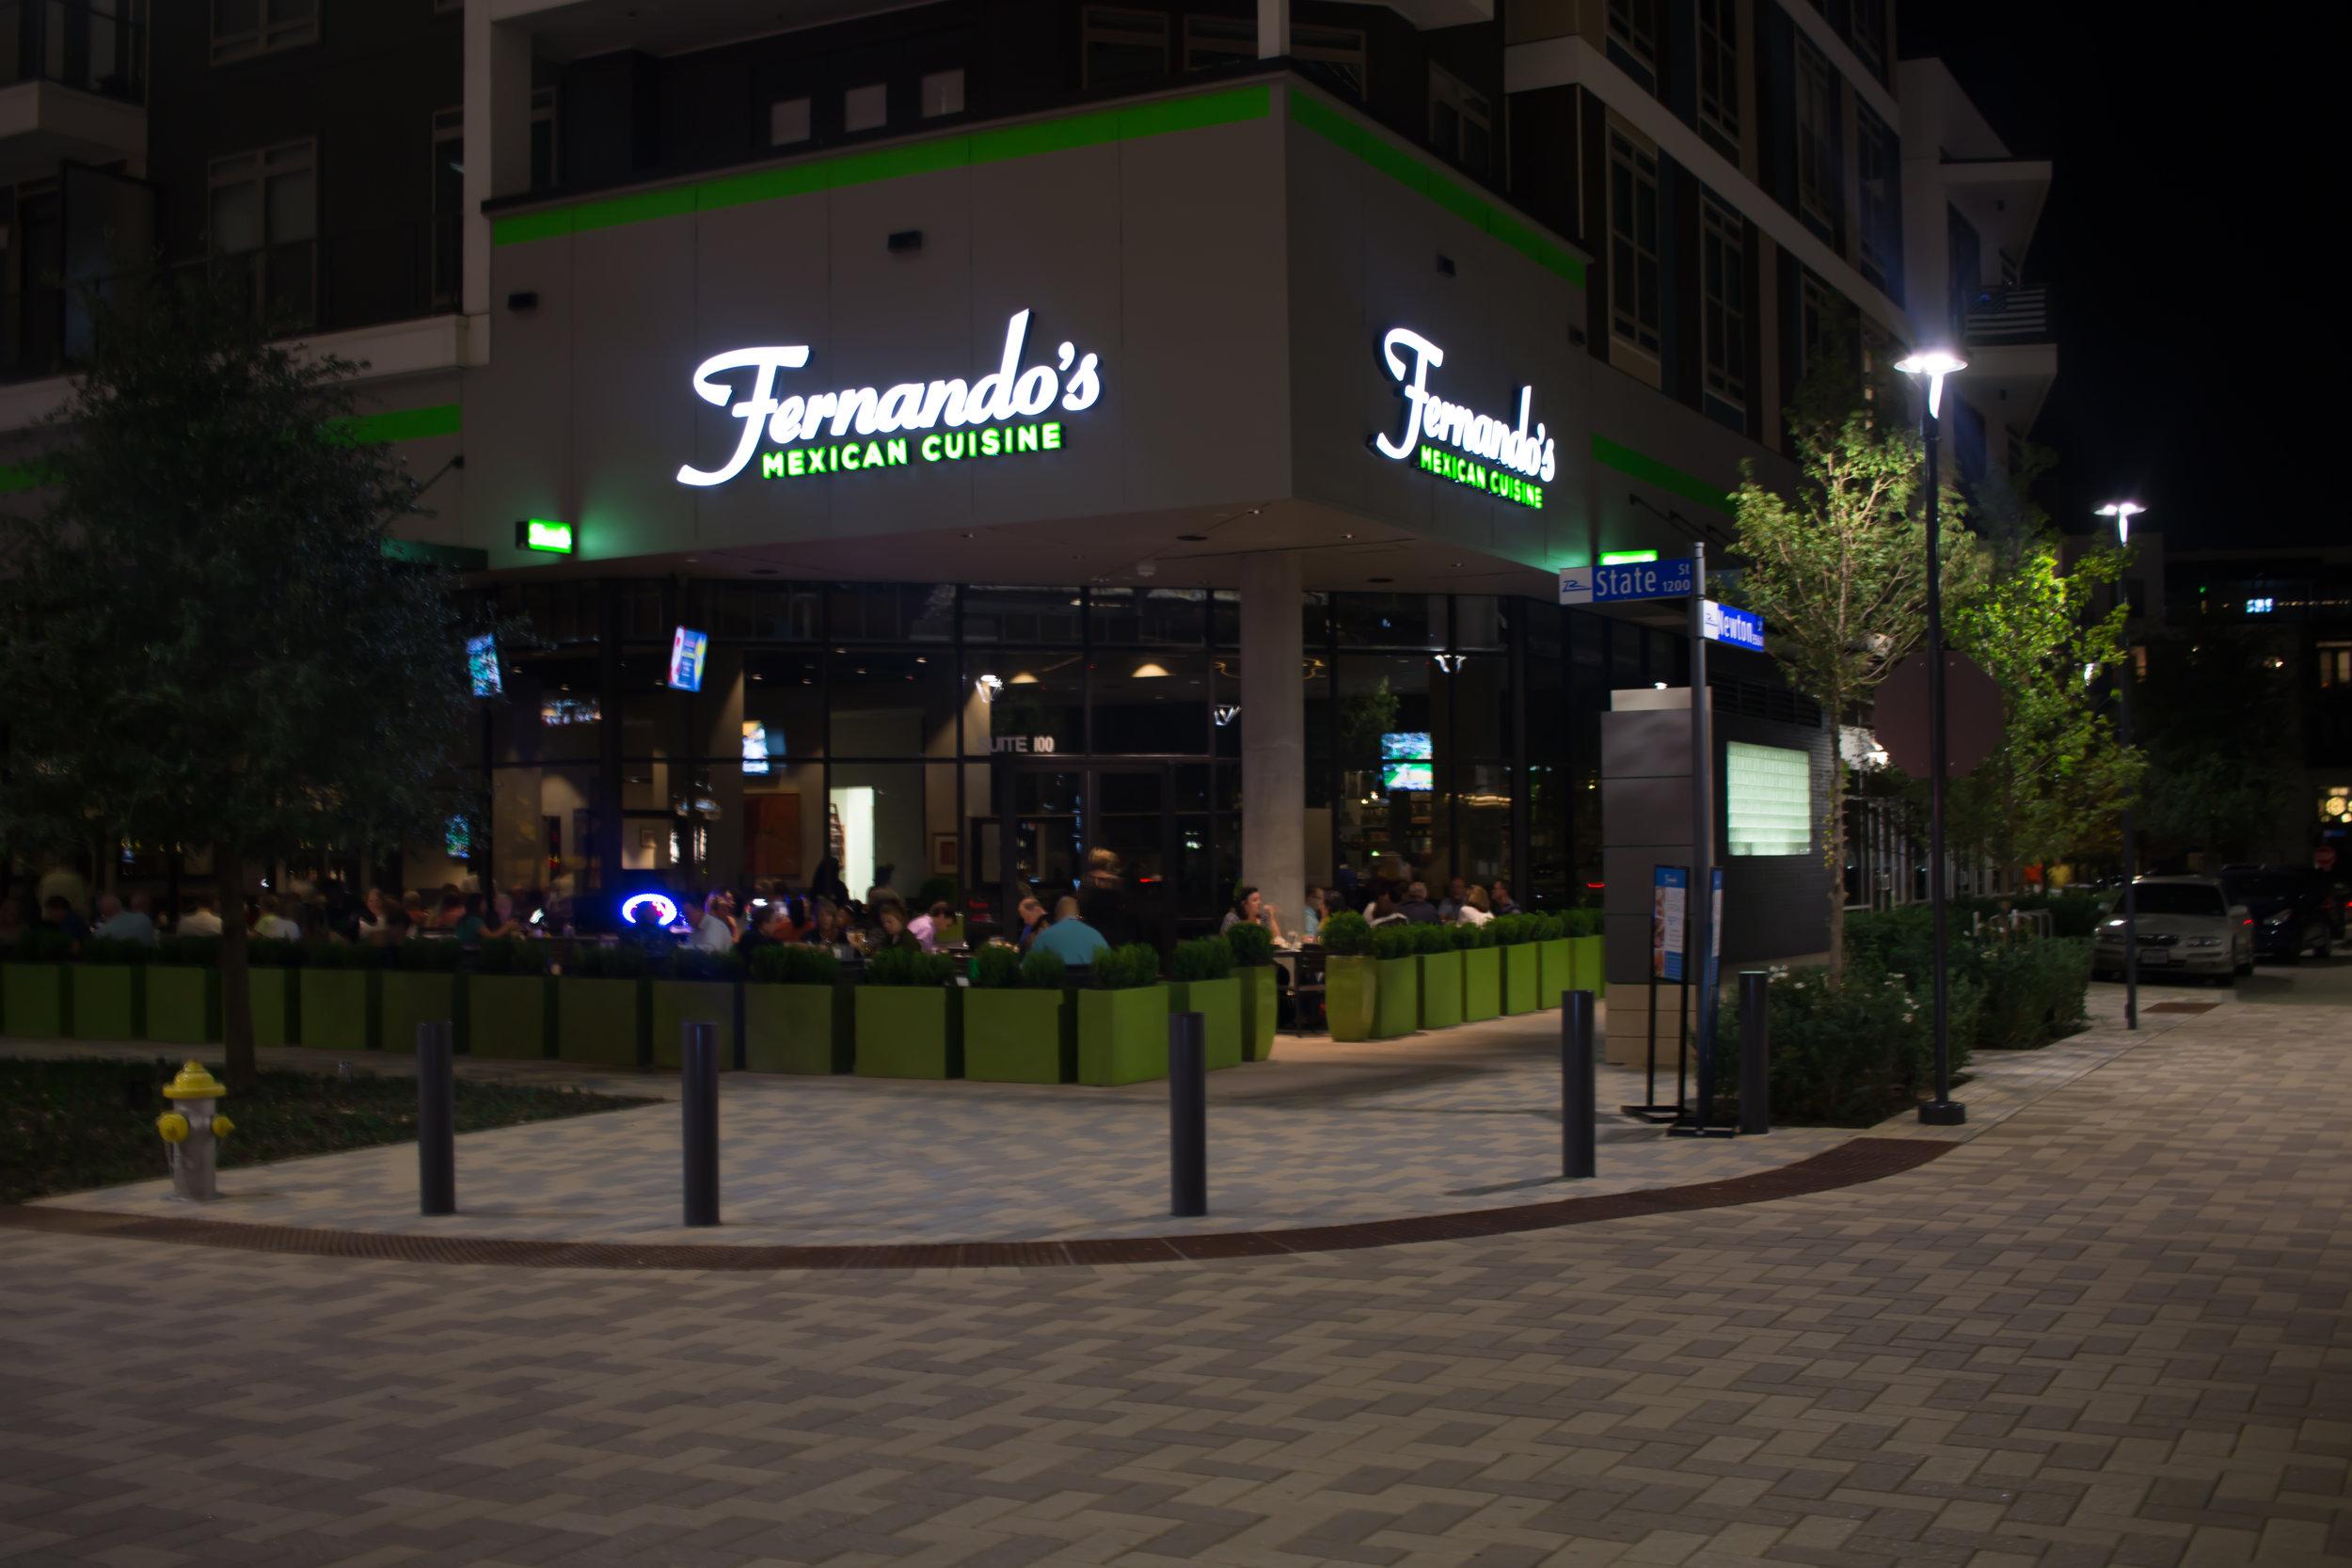 fernandos-city-line-exterior